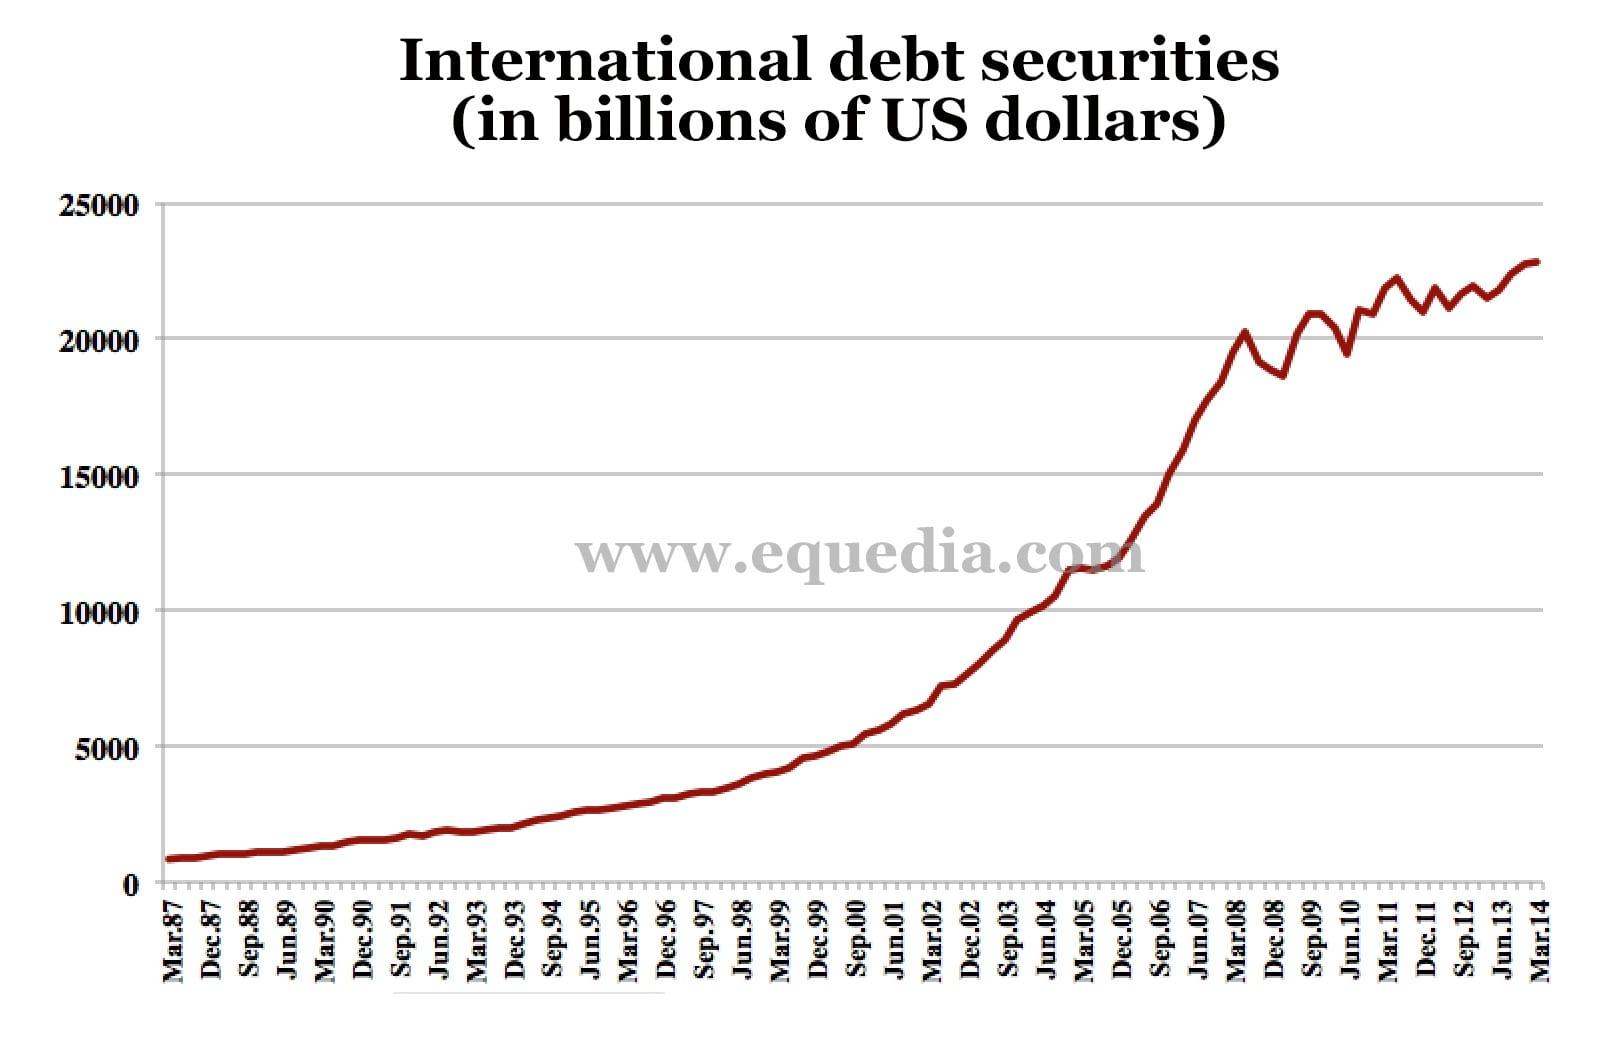 internationaldebtsecurities